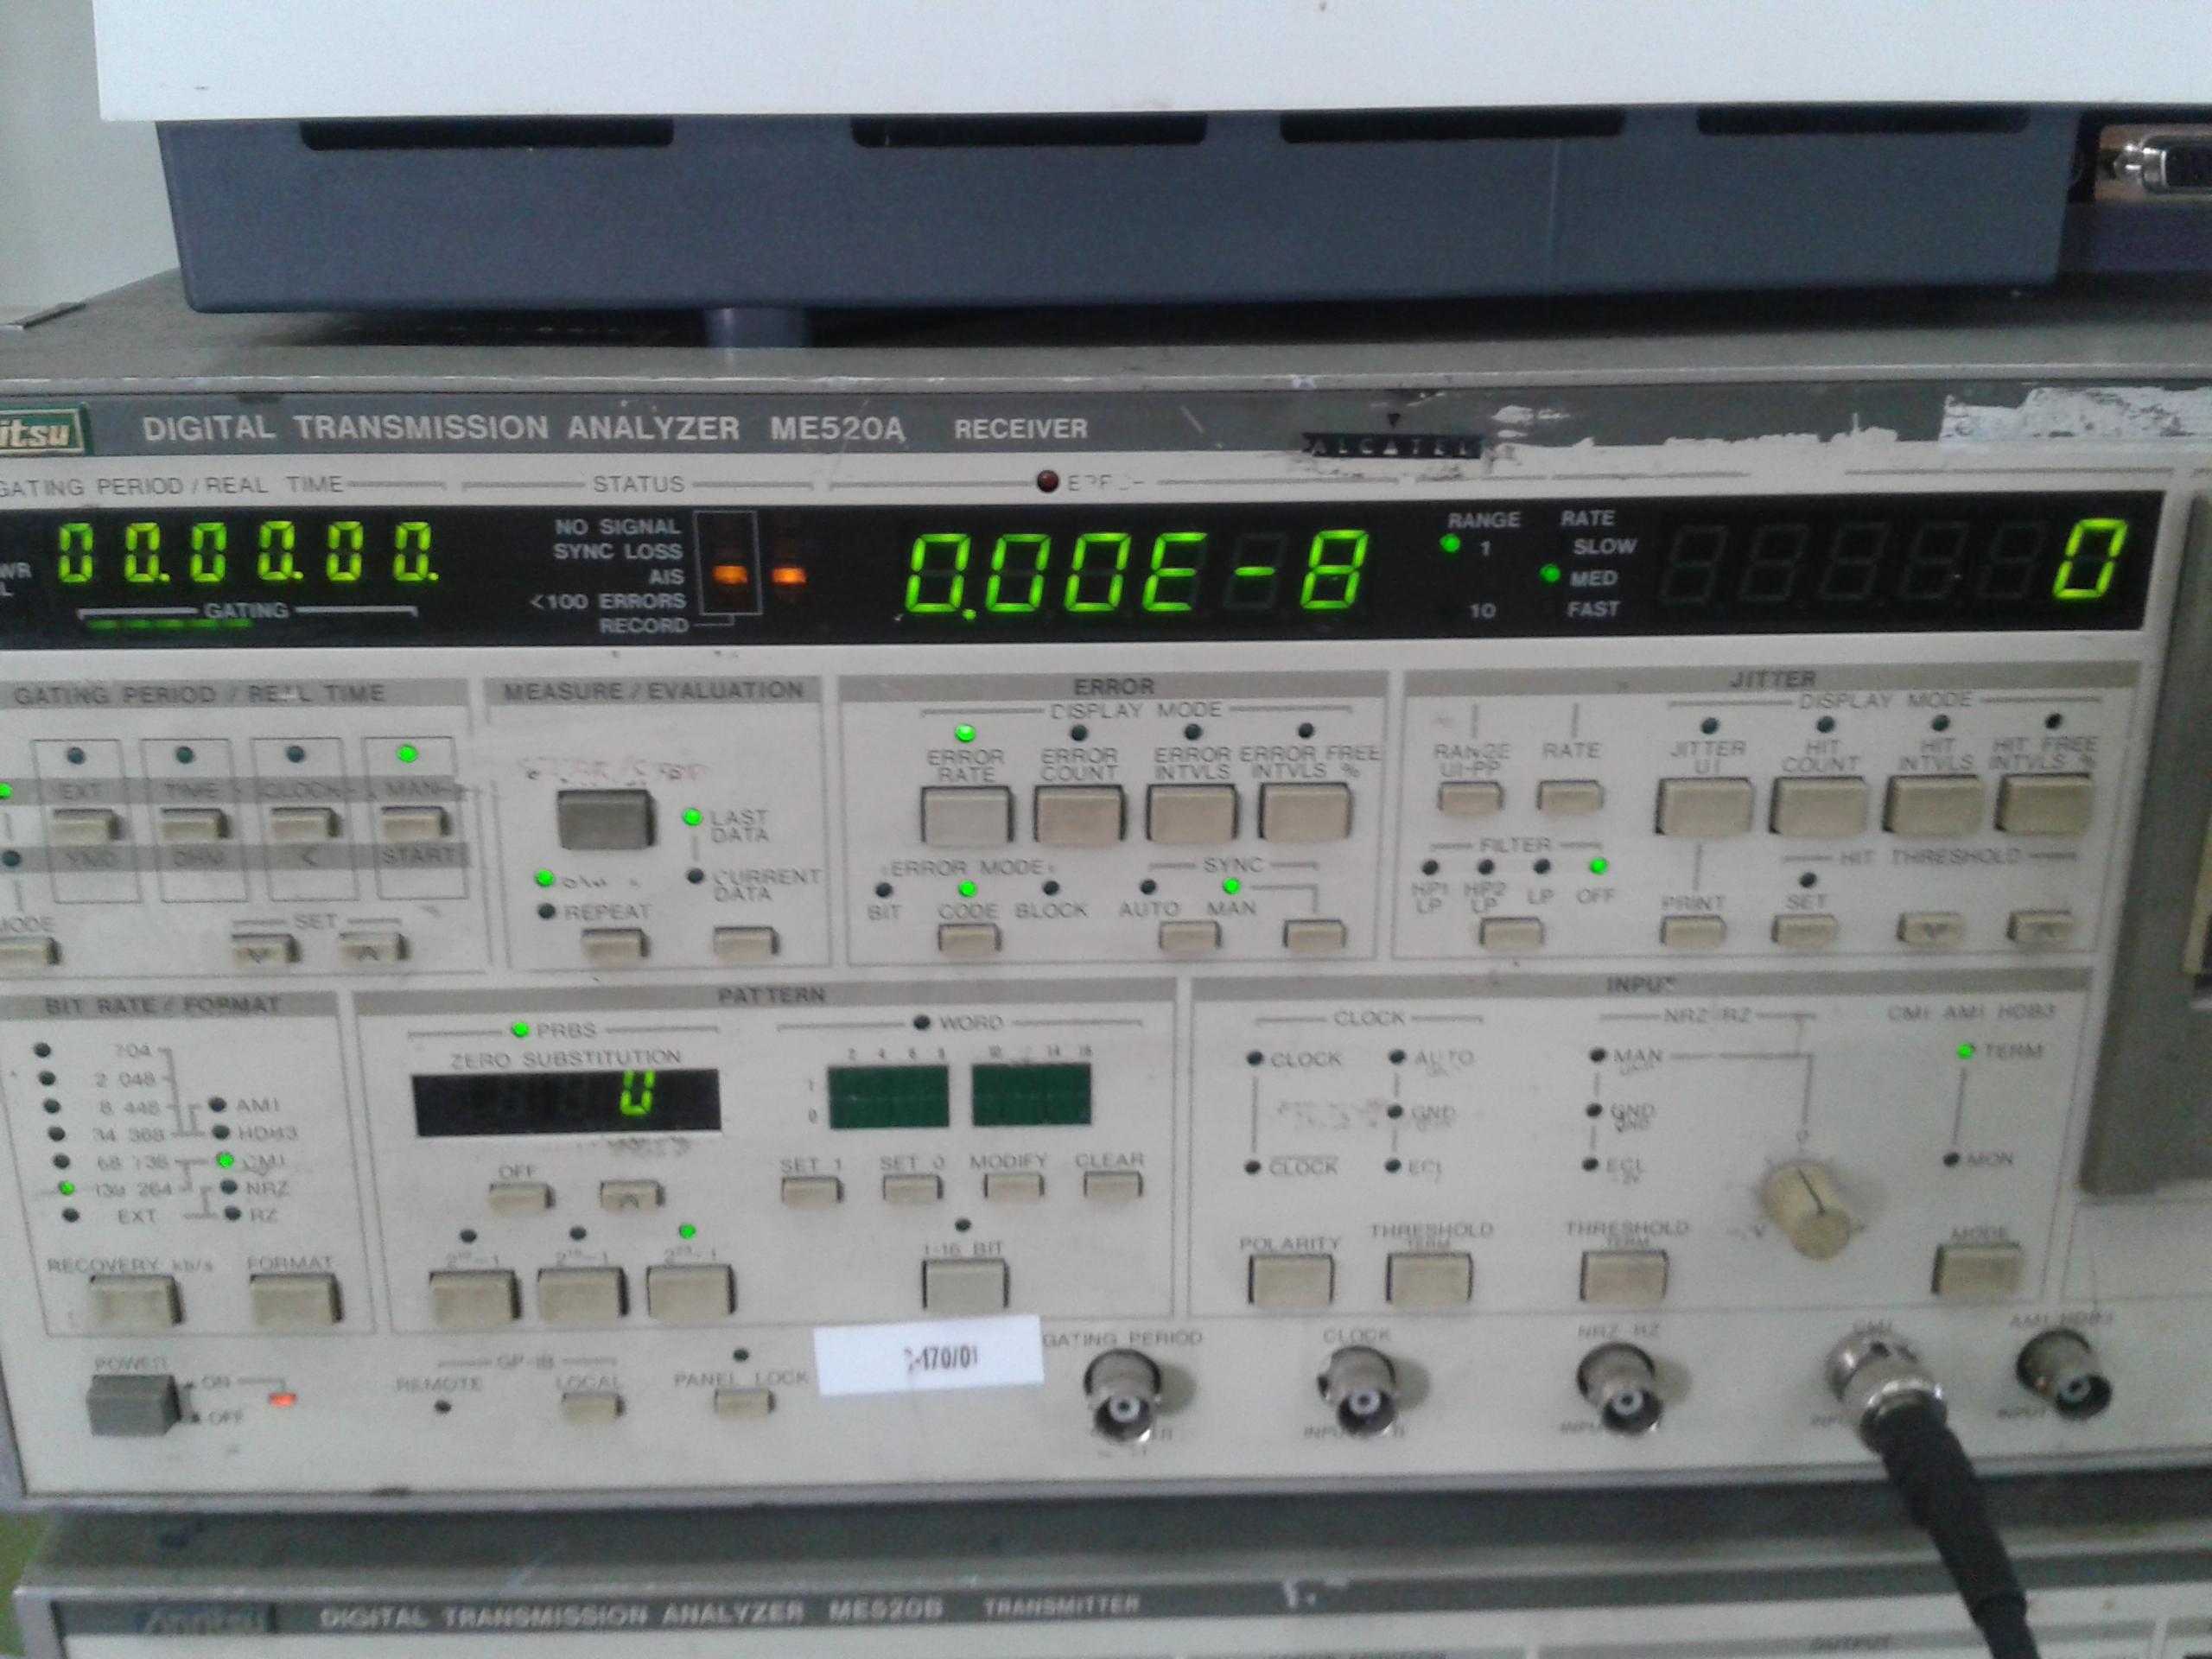 Medidor de tasa de error plesiosíncrono con 10 -8 errores